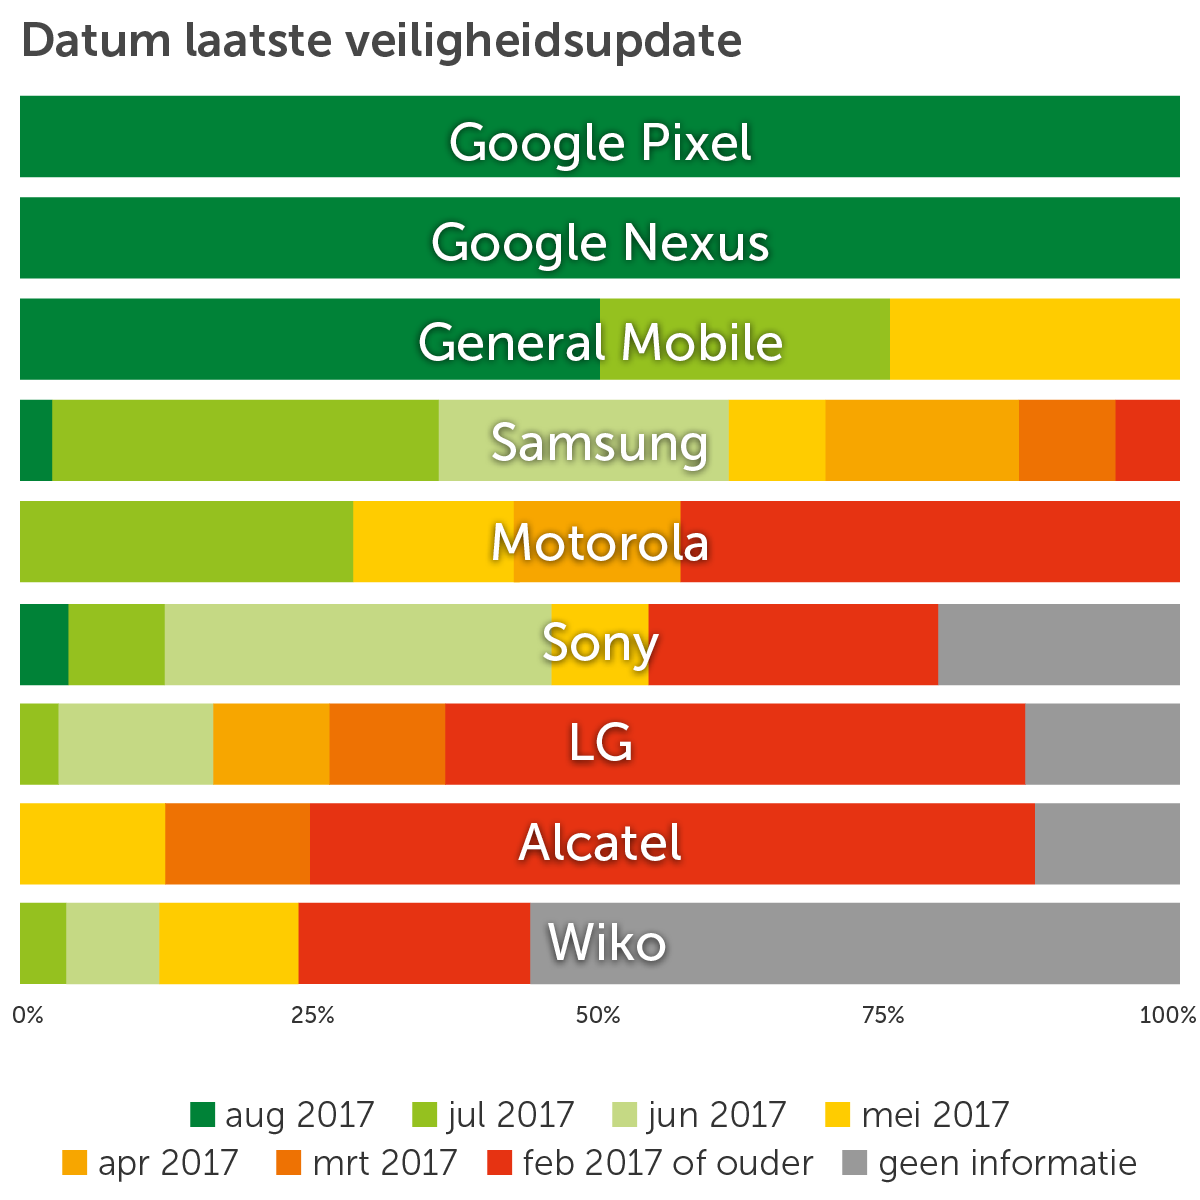 Tabel1-Veiligheidsupdates-nov-2017